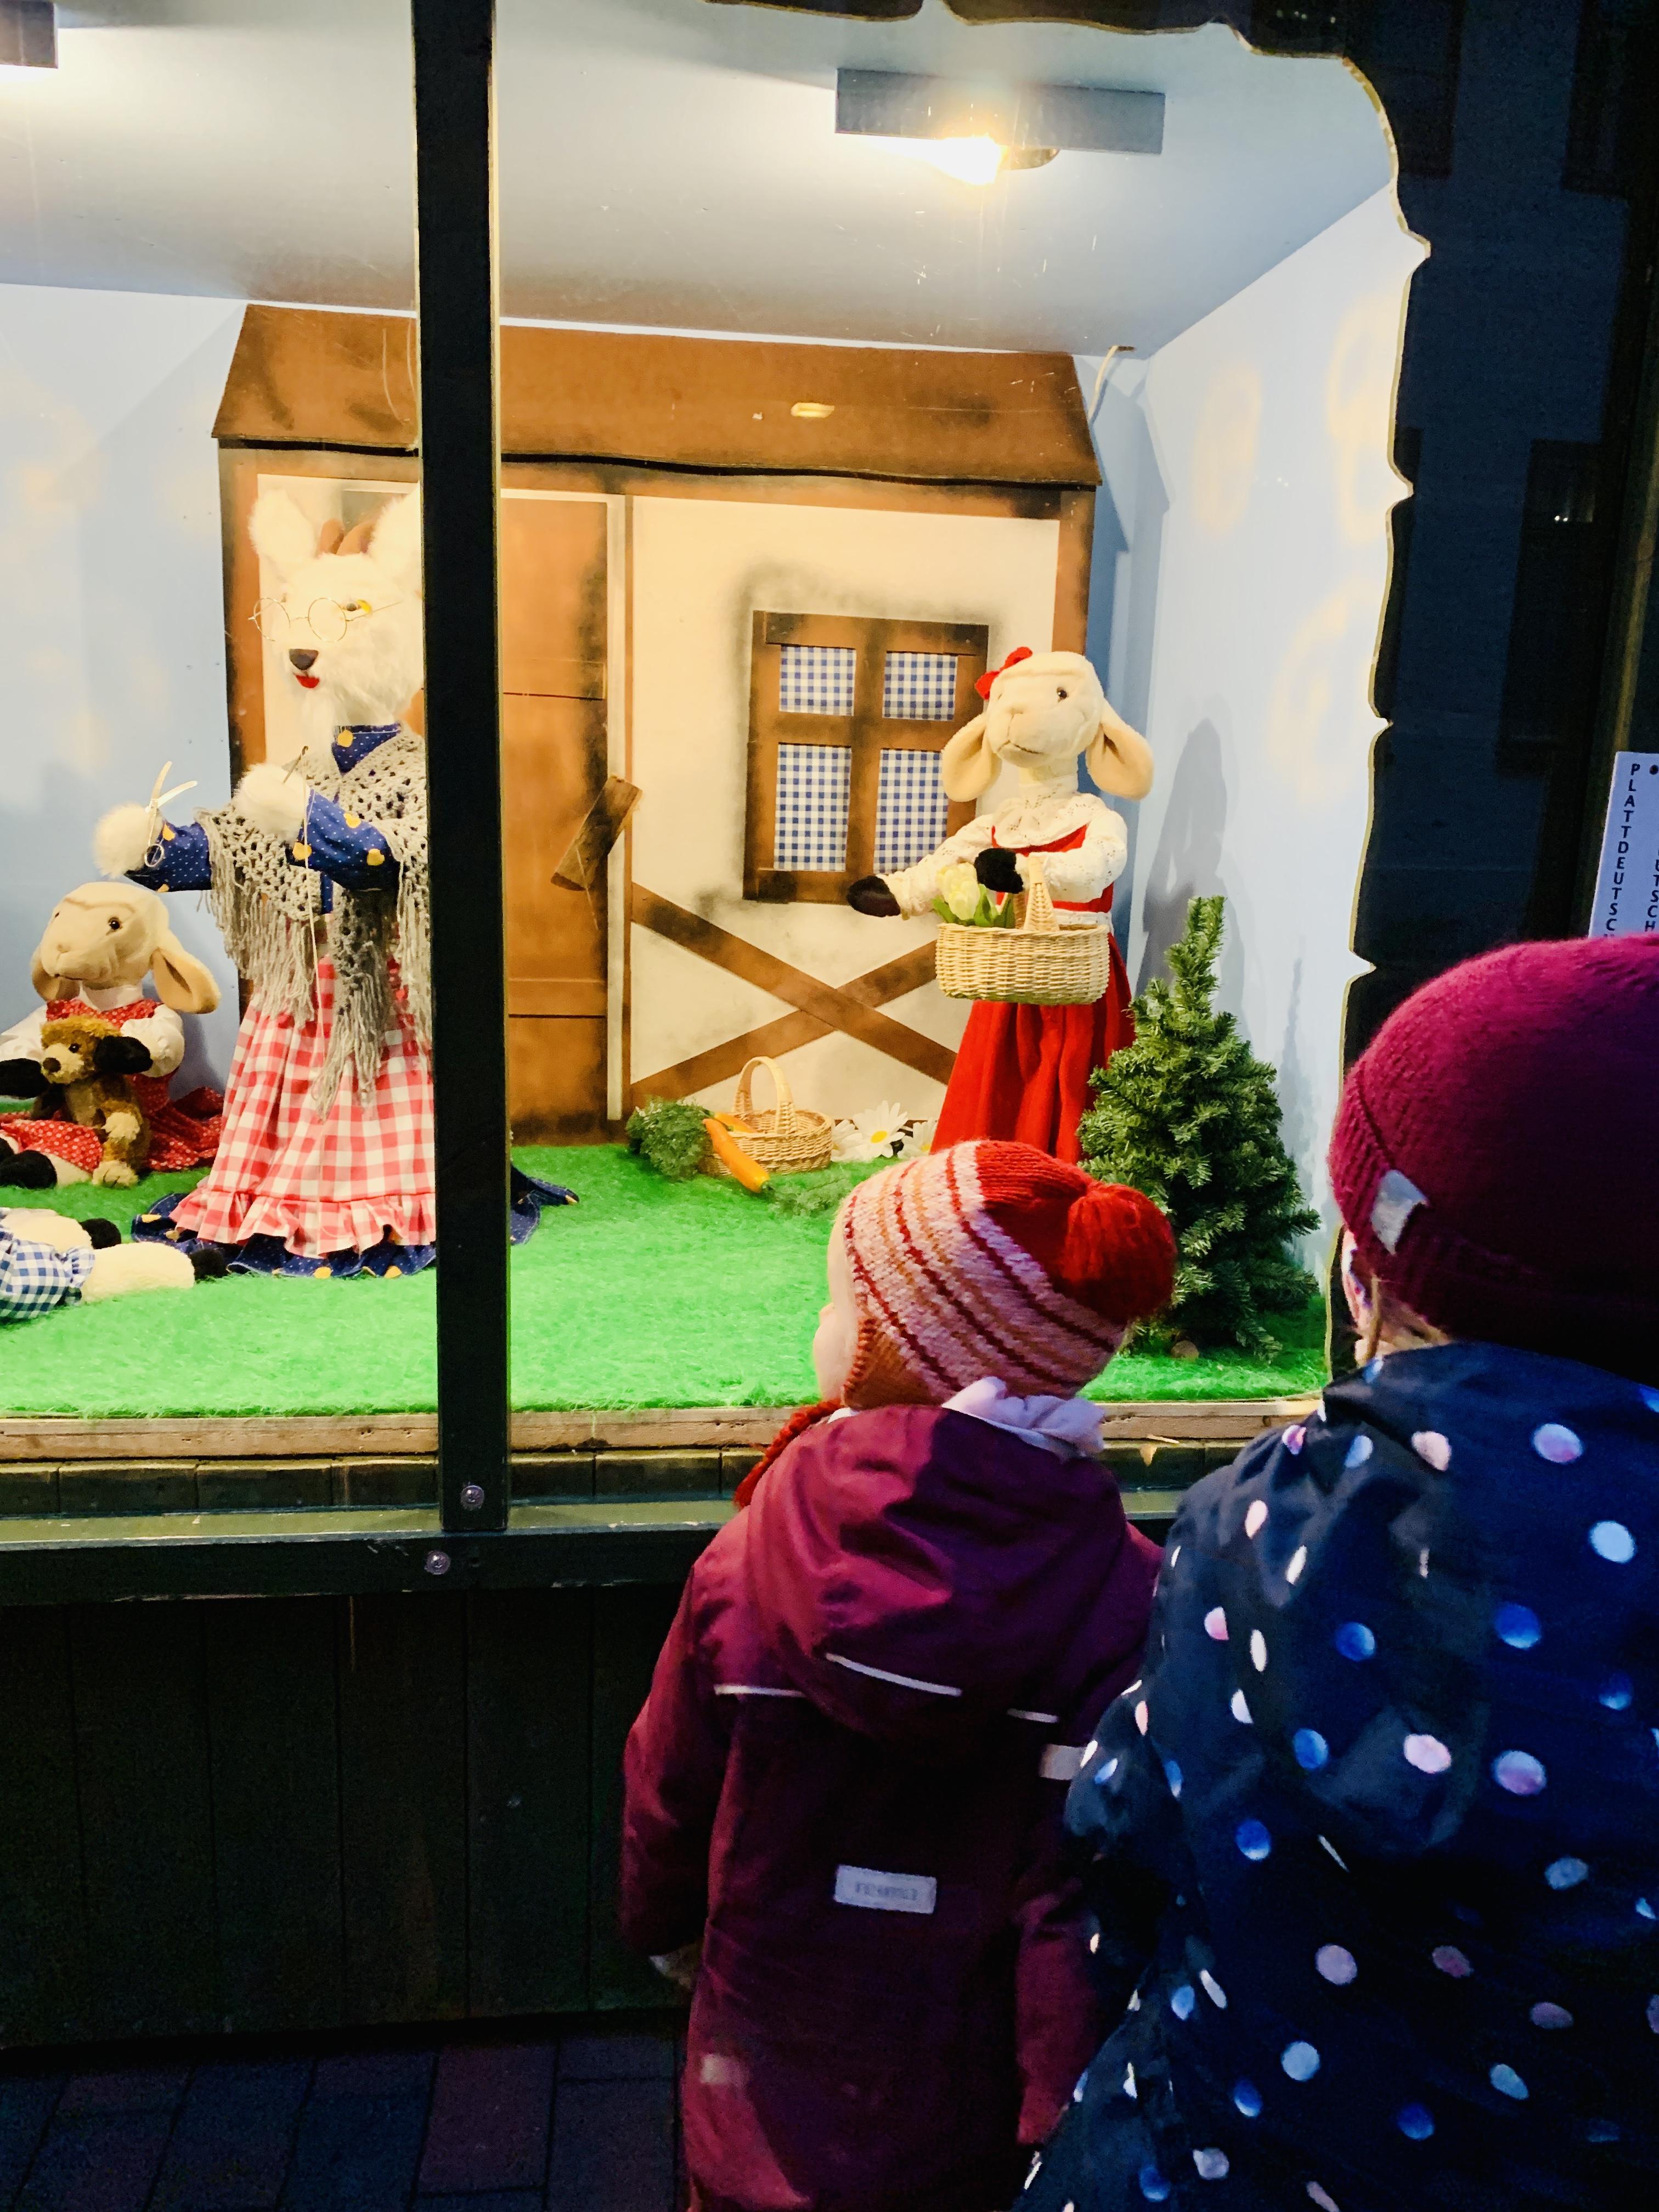 Familienleben in Lüneburg, Lüneburger Weihnachtsstadt, unterwegs mit Kindern, Lüneburger Heide,